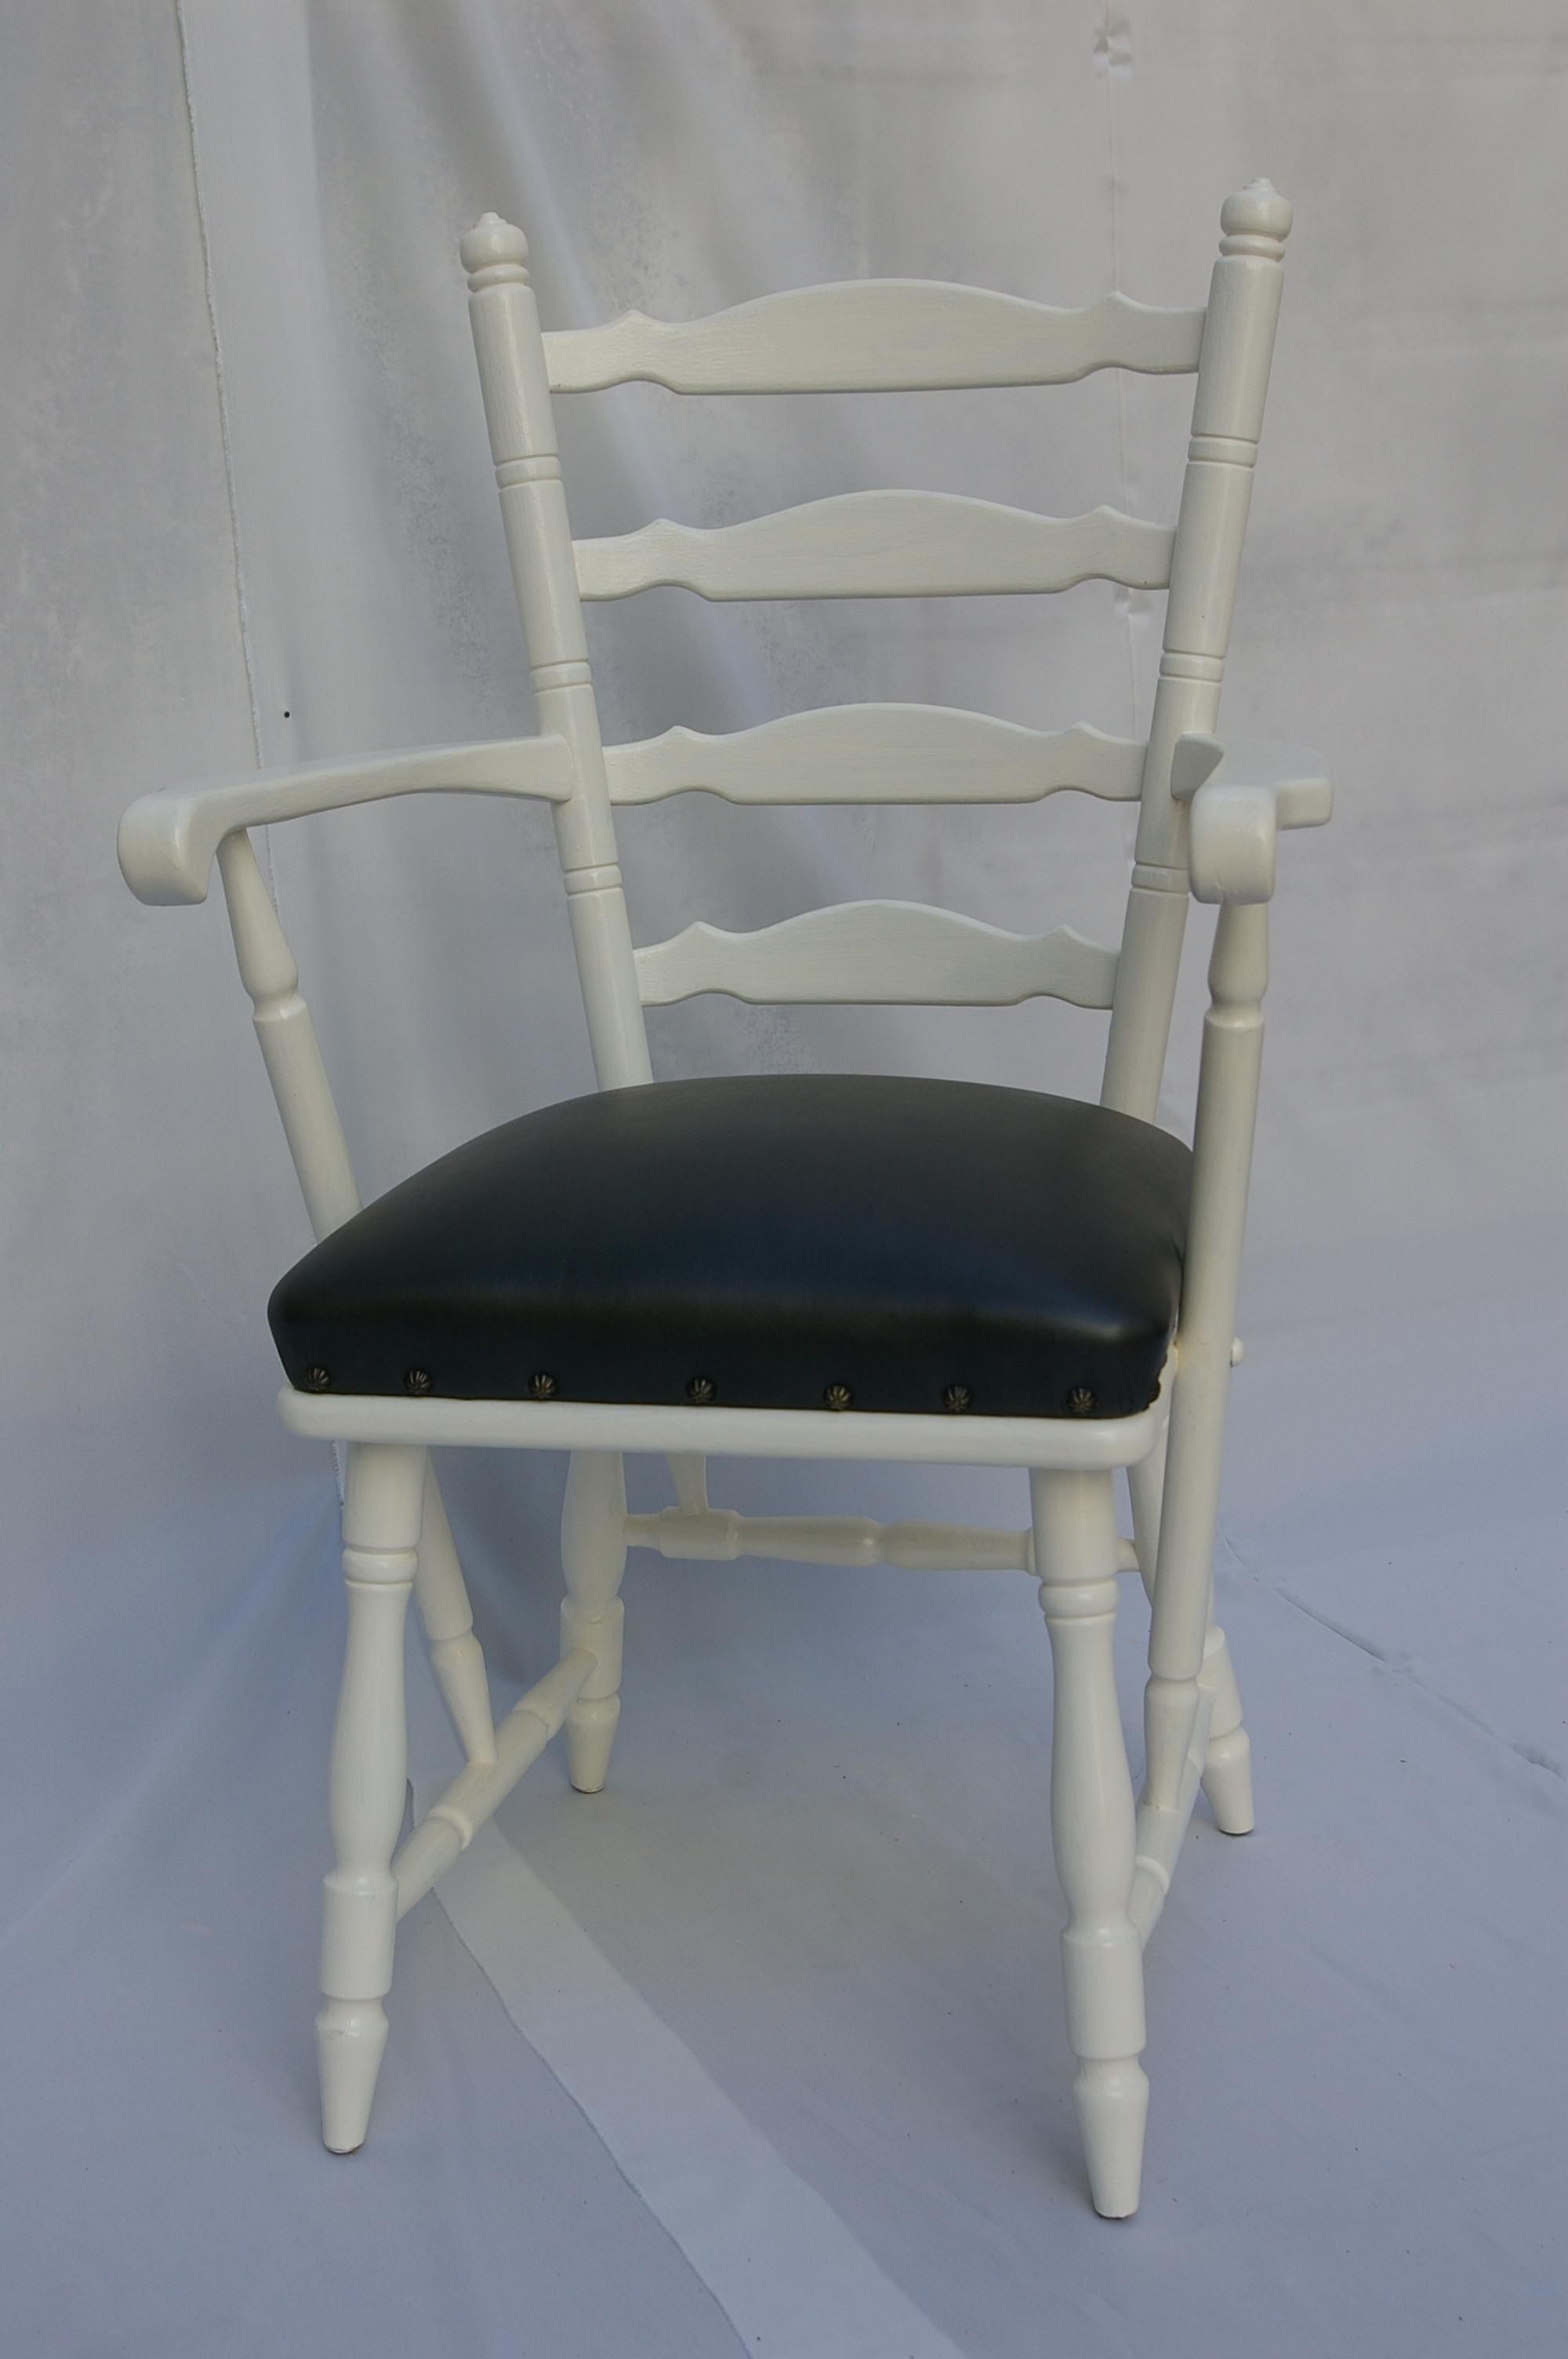 Armlehnenstuhl in weiß